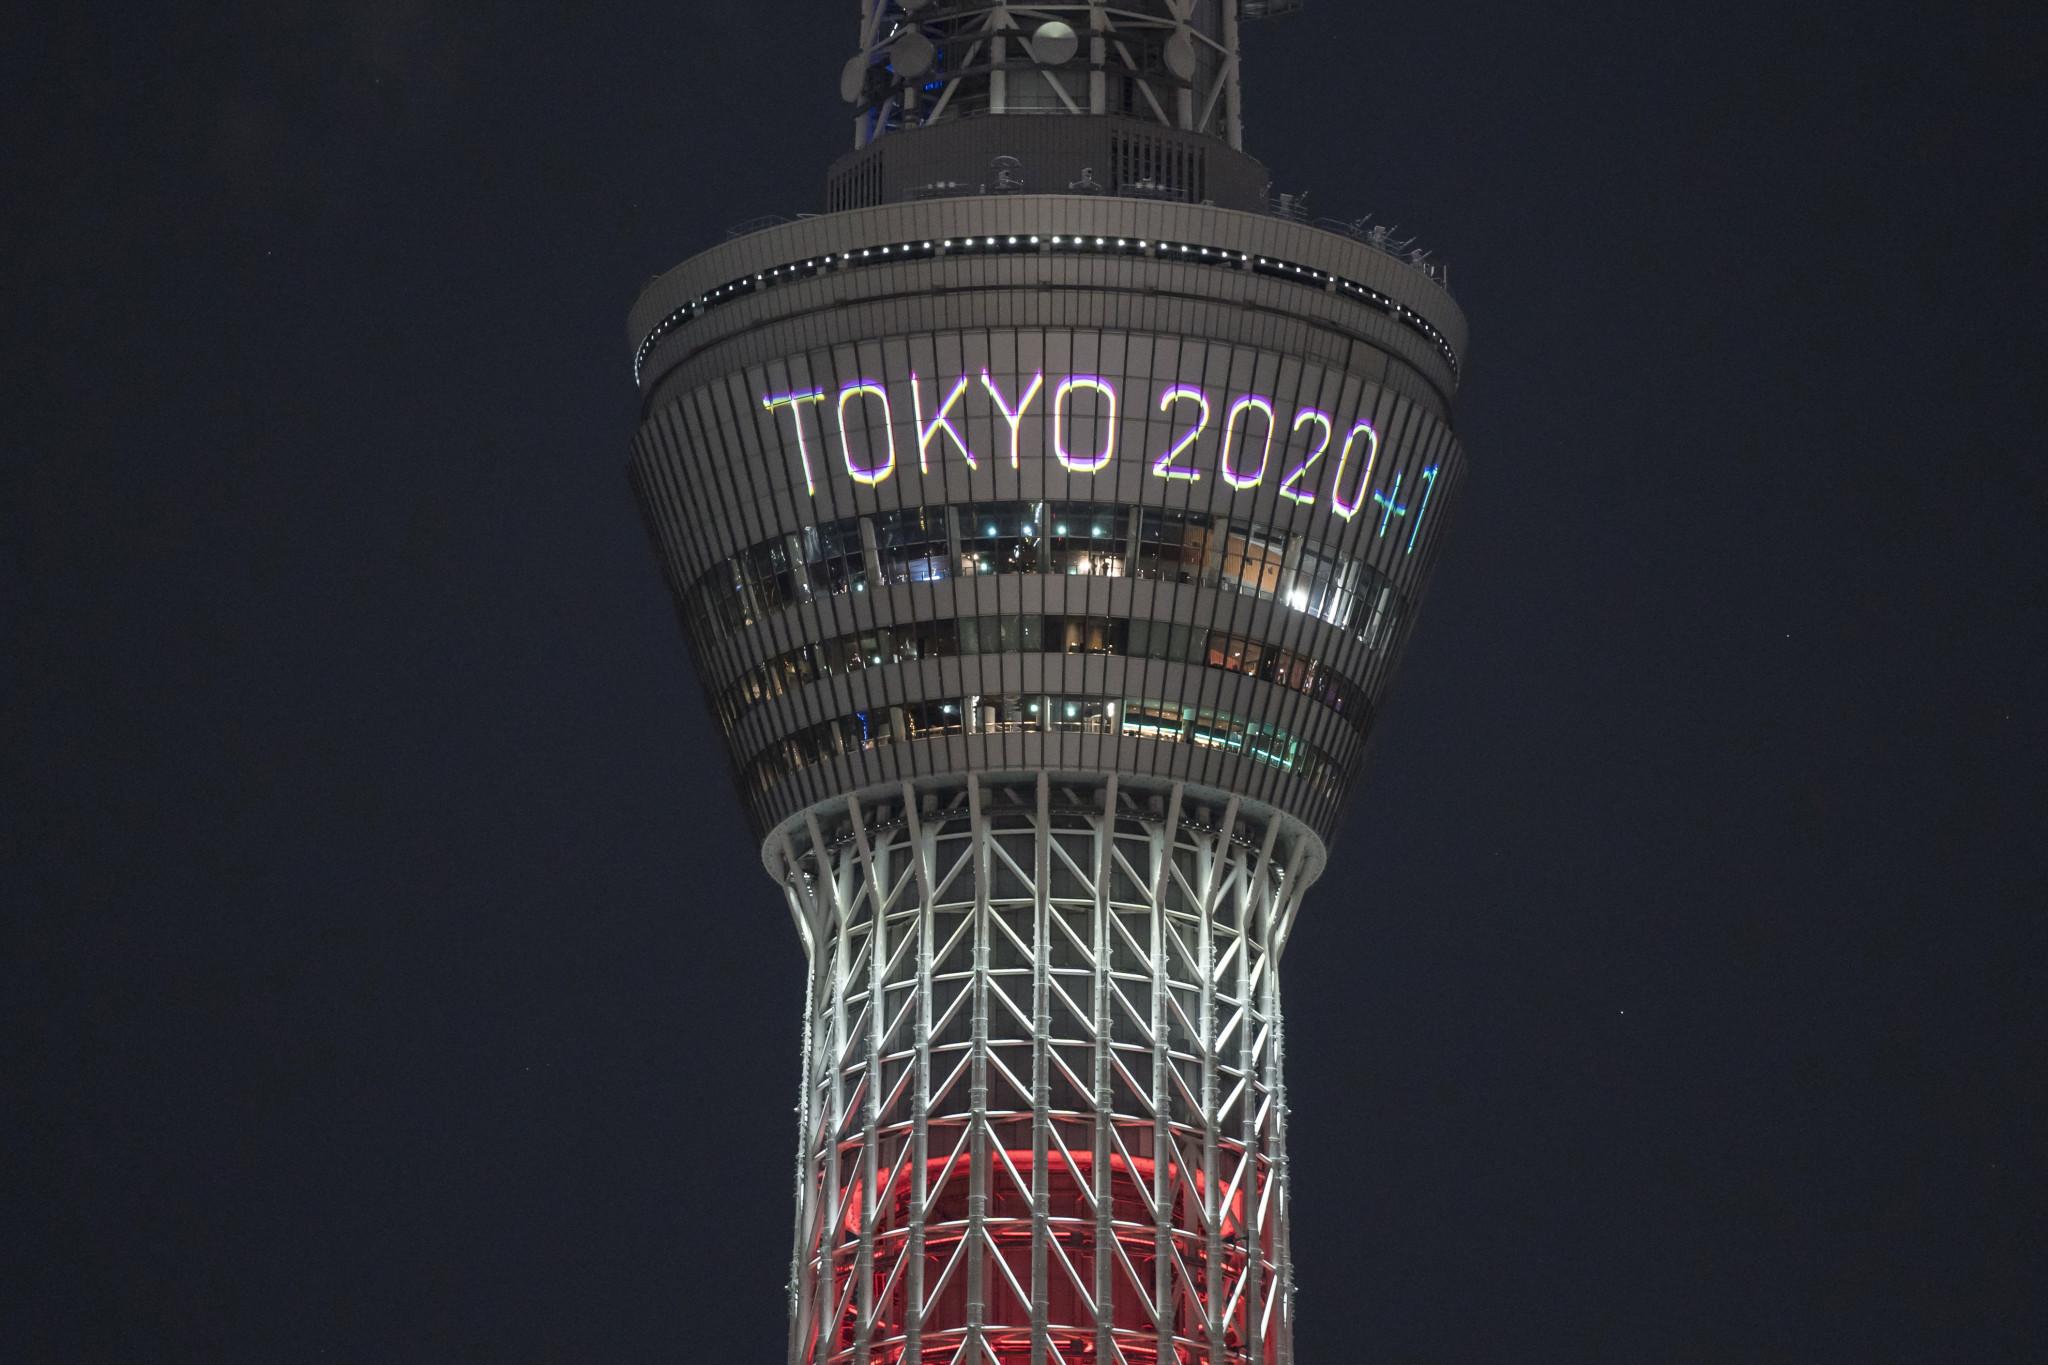 Esta semana se discutirán medidas contra el coronavirus para Tokio 2020